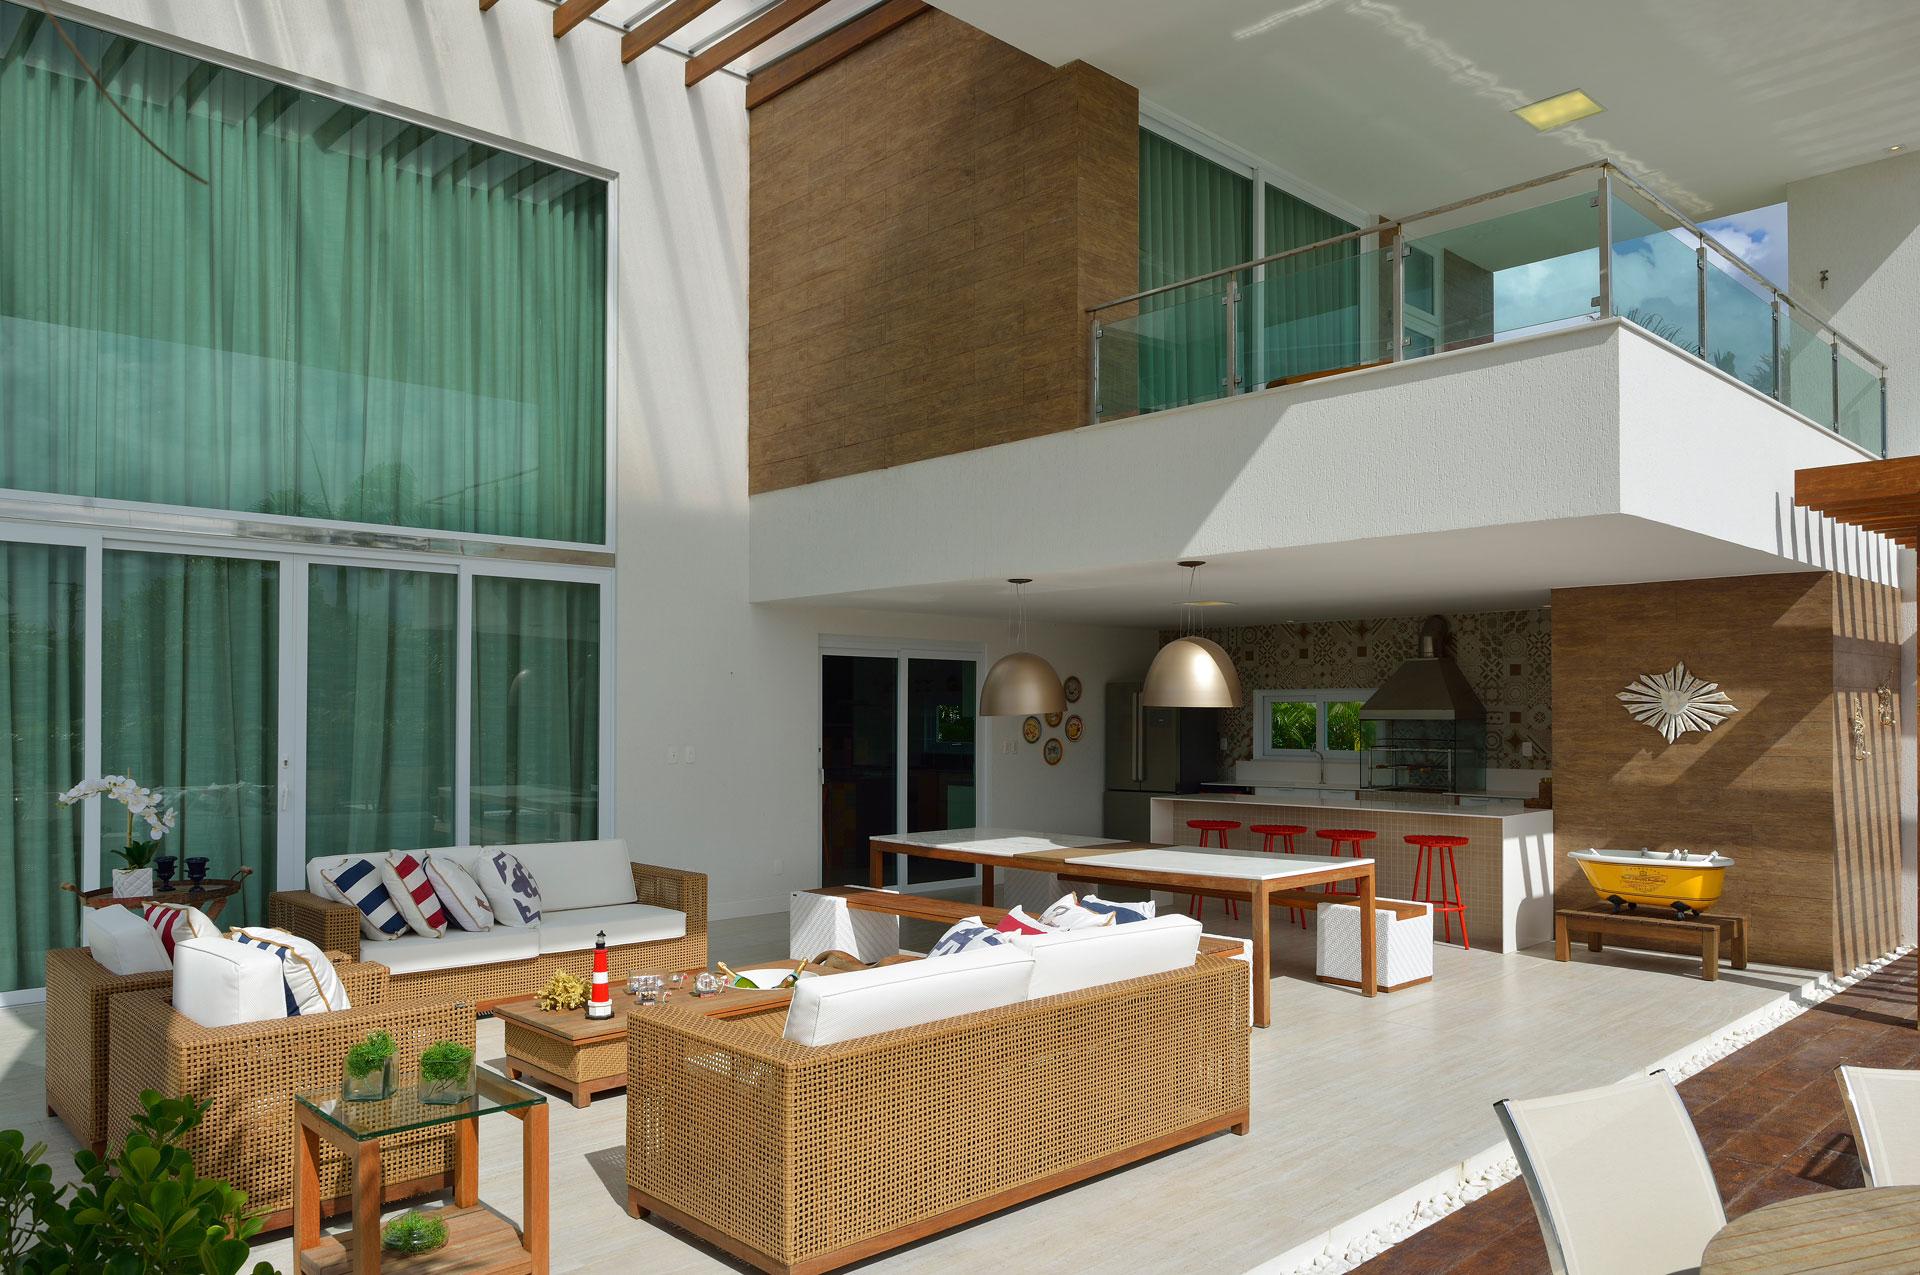 Bahia Beach Residence by Pinheiro Martinez Arquitetura-07